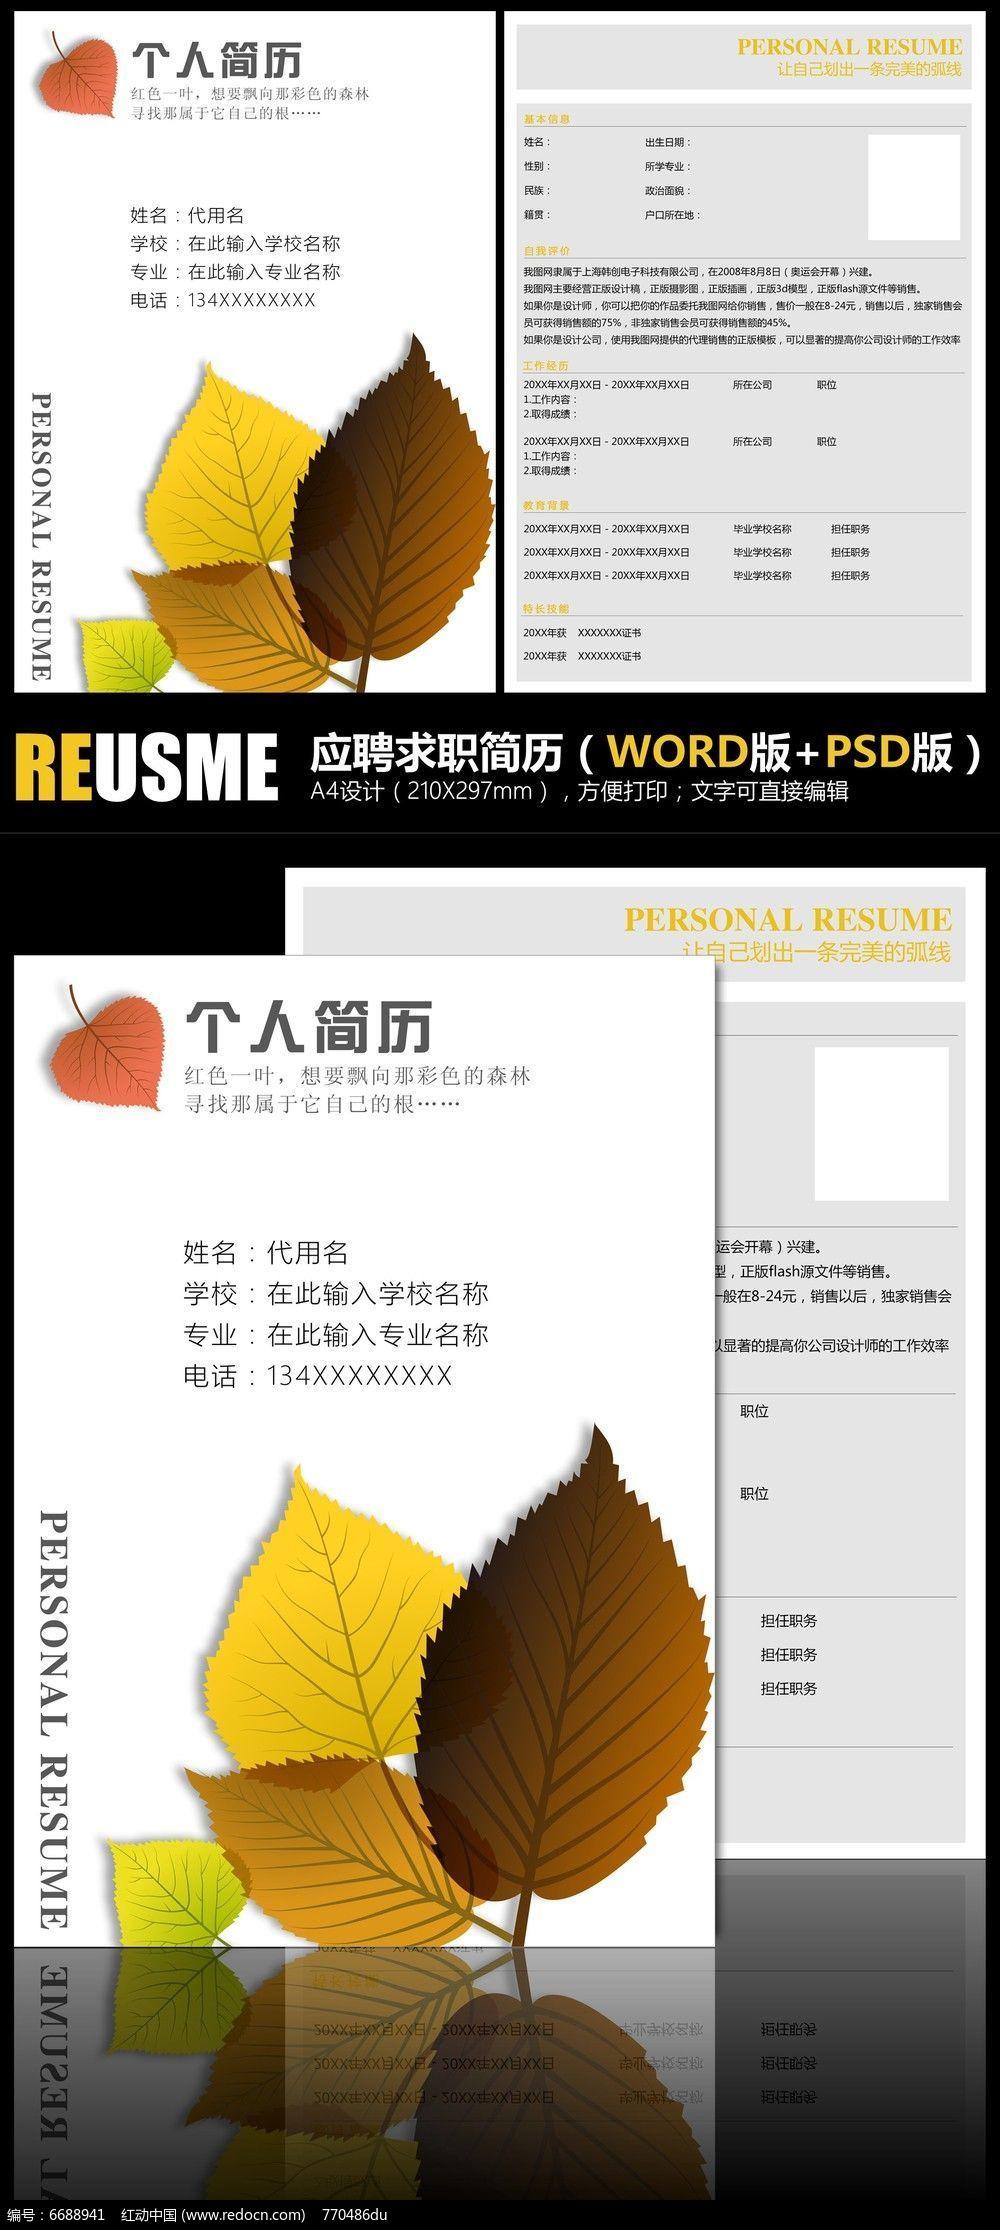 落叶创意简历双格式模板docx素材下载 求职简历设计图片